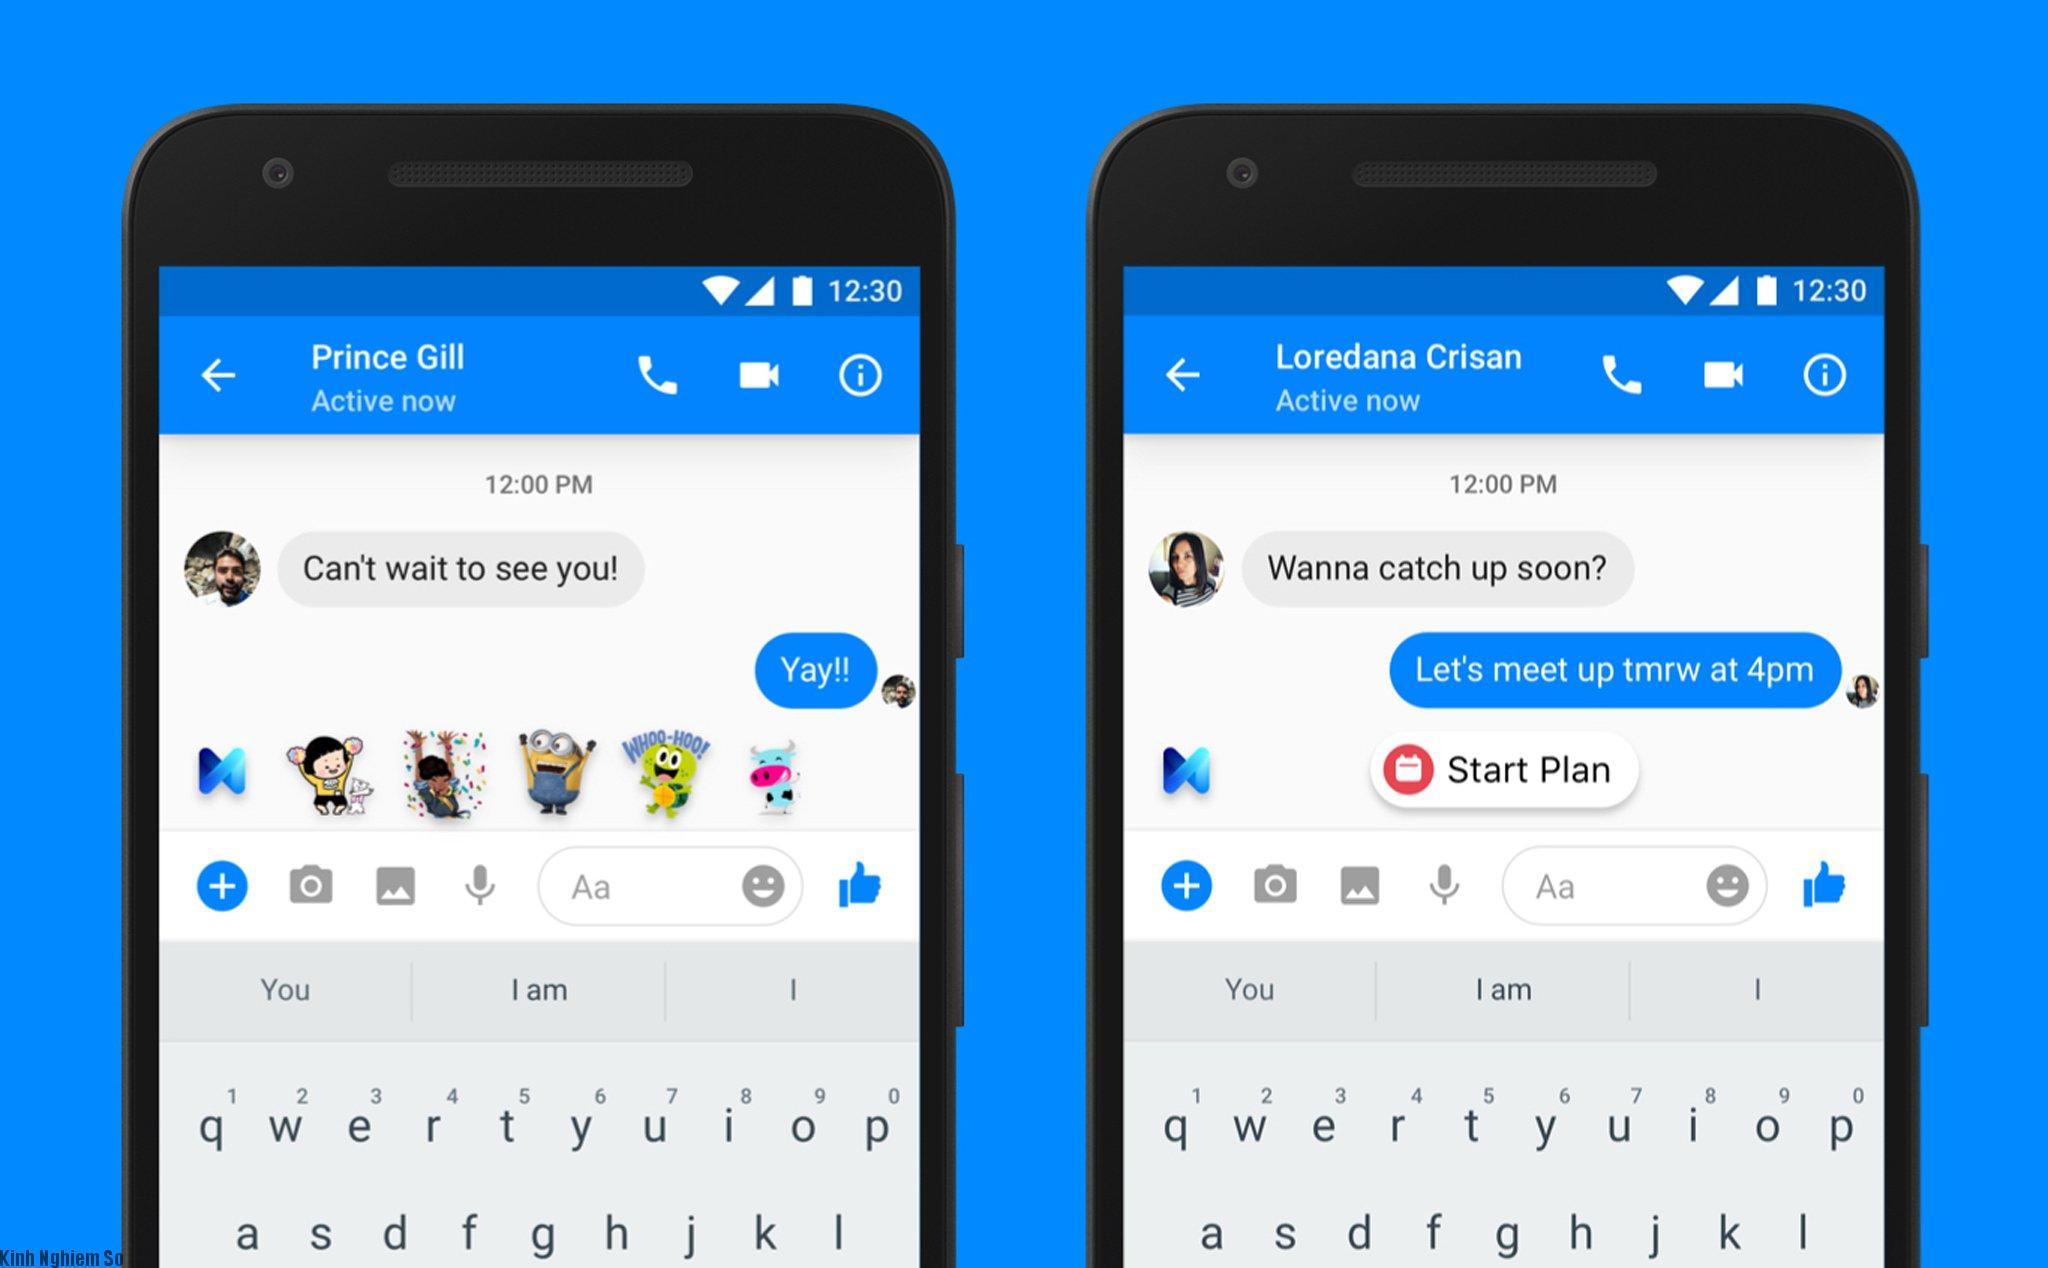 Facebook cập nhật chức năng M, tự động gợi ý gửi icon và các lời nhắn